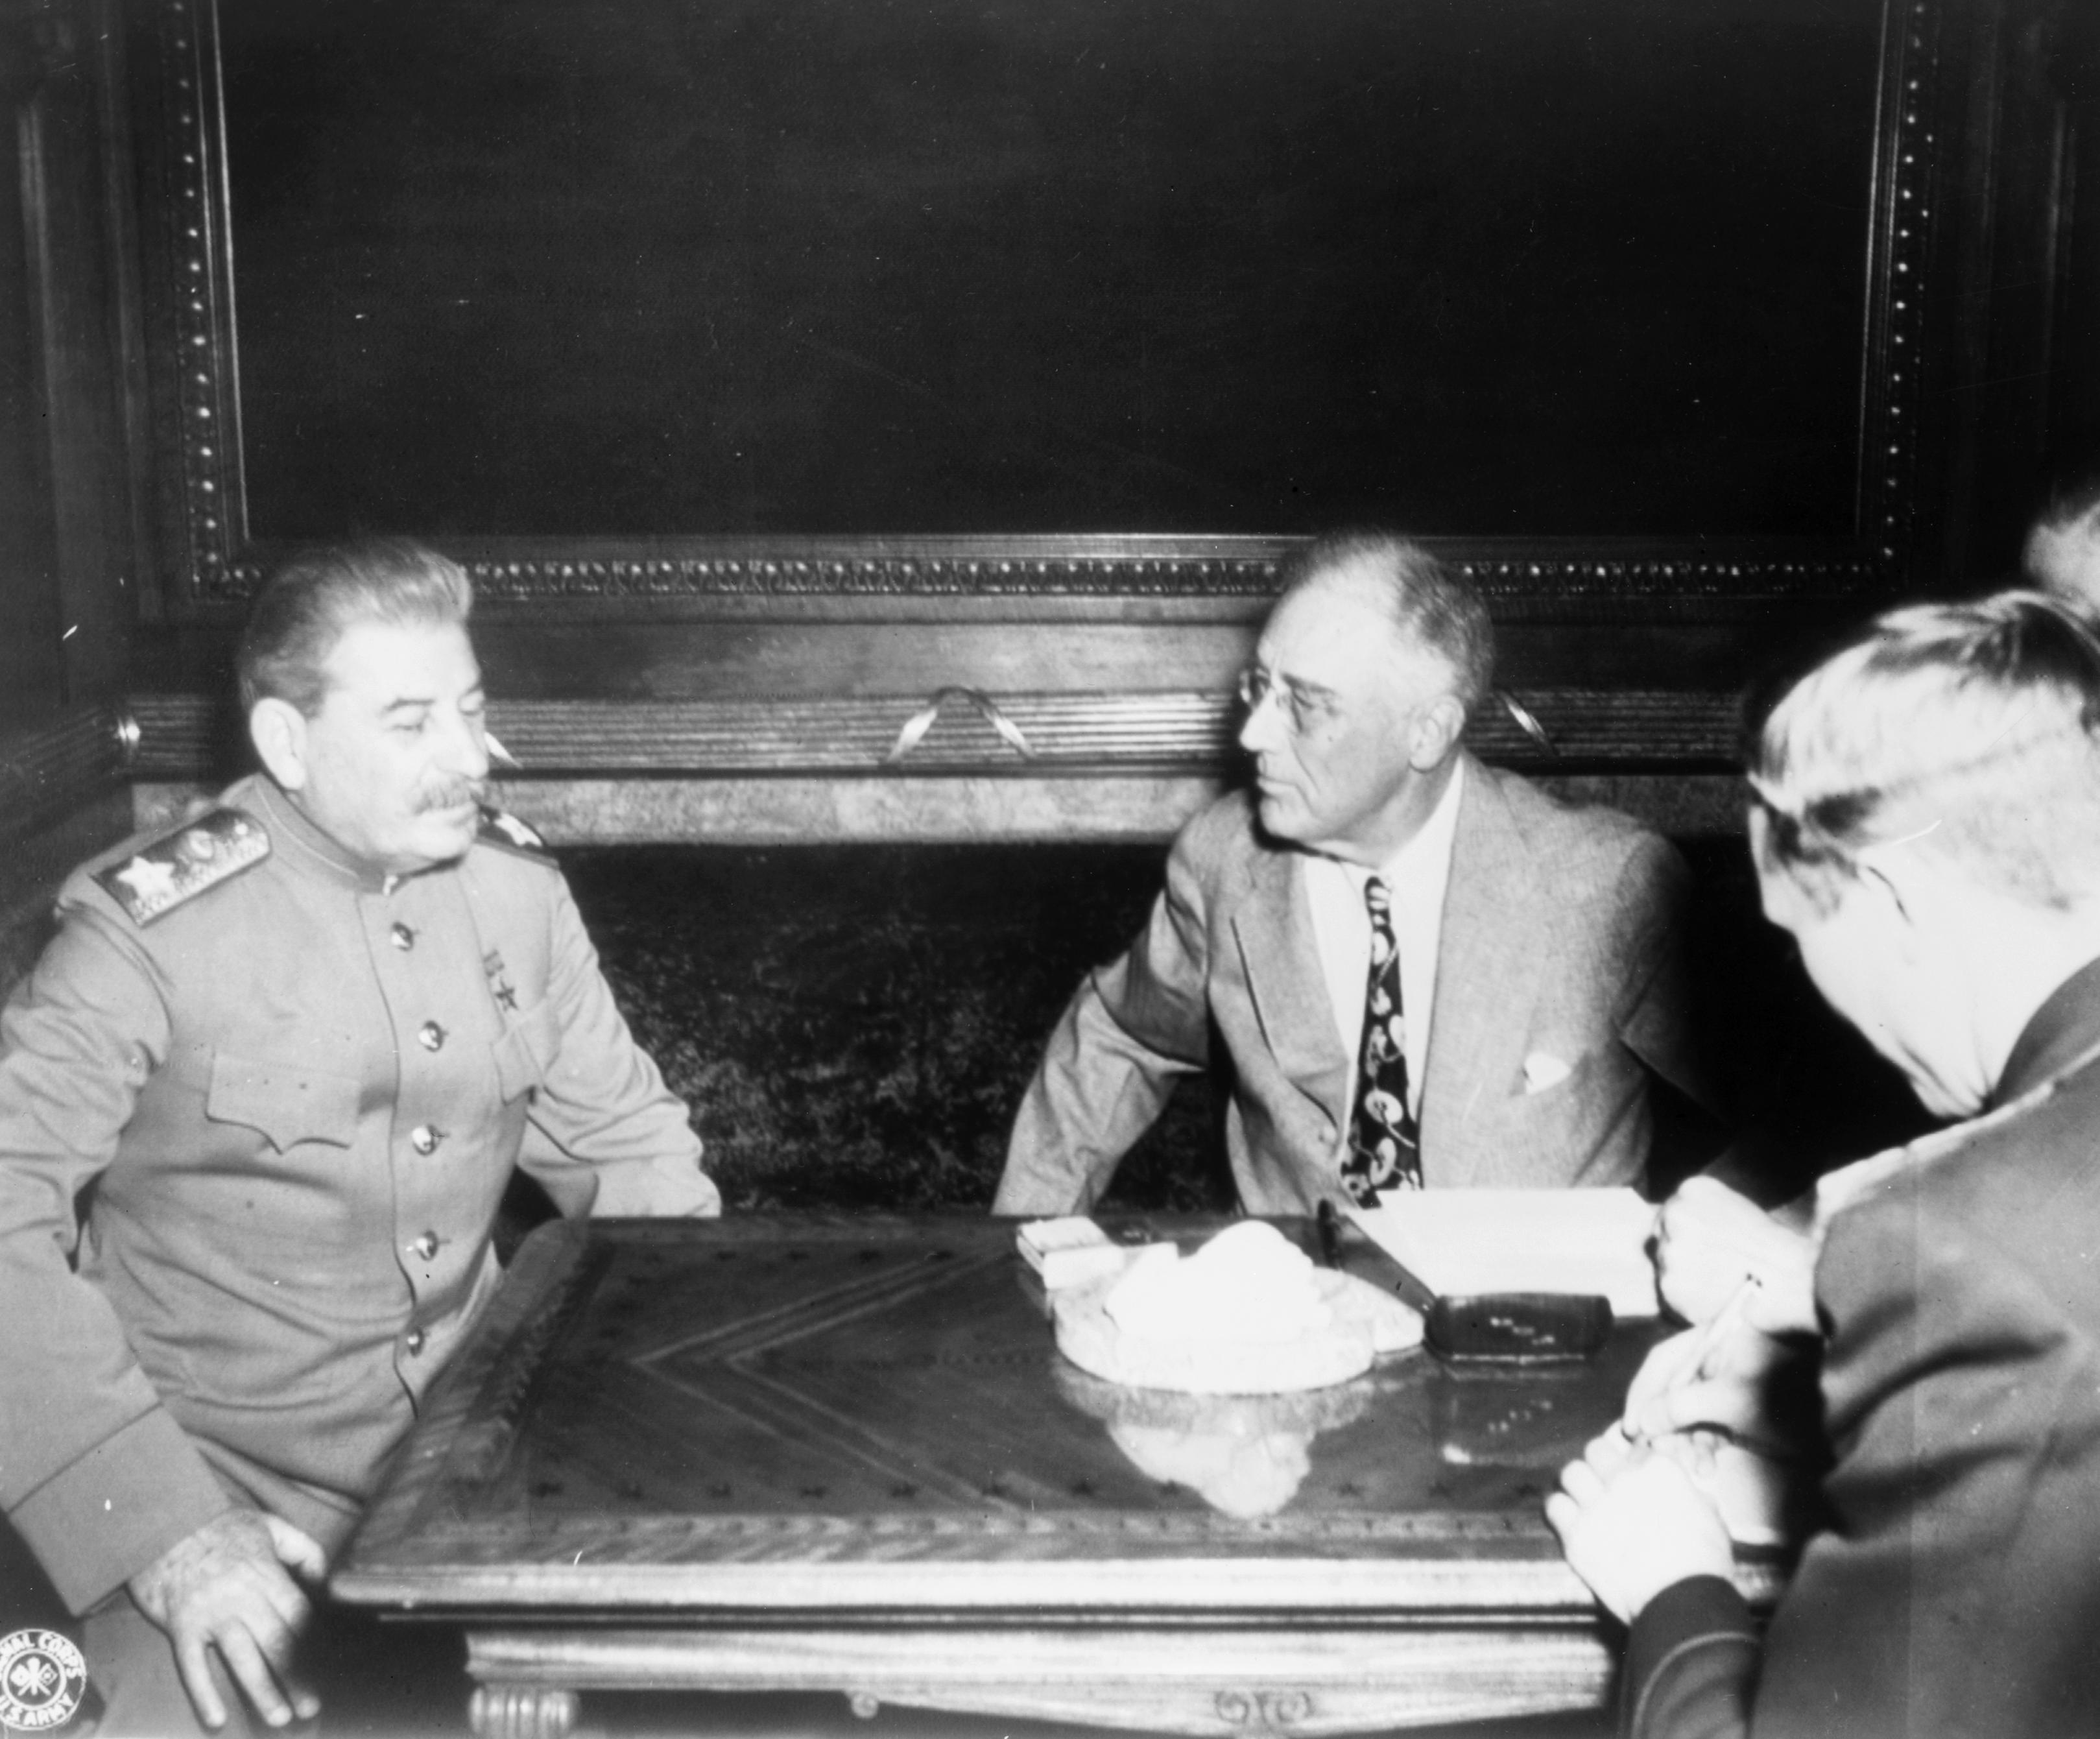 Маршал Иосиф Сталин (слева) и президент Франклин Рузвельт (справа) сидели за столом во время Ялтинской конференции